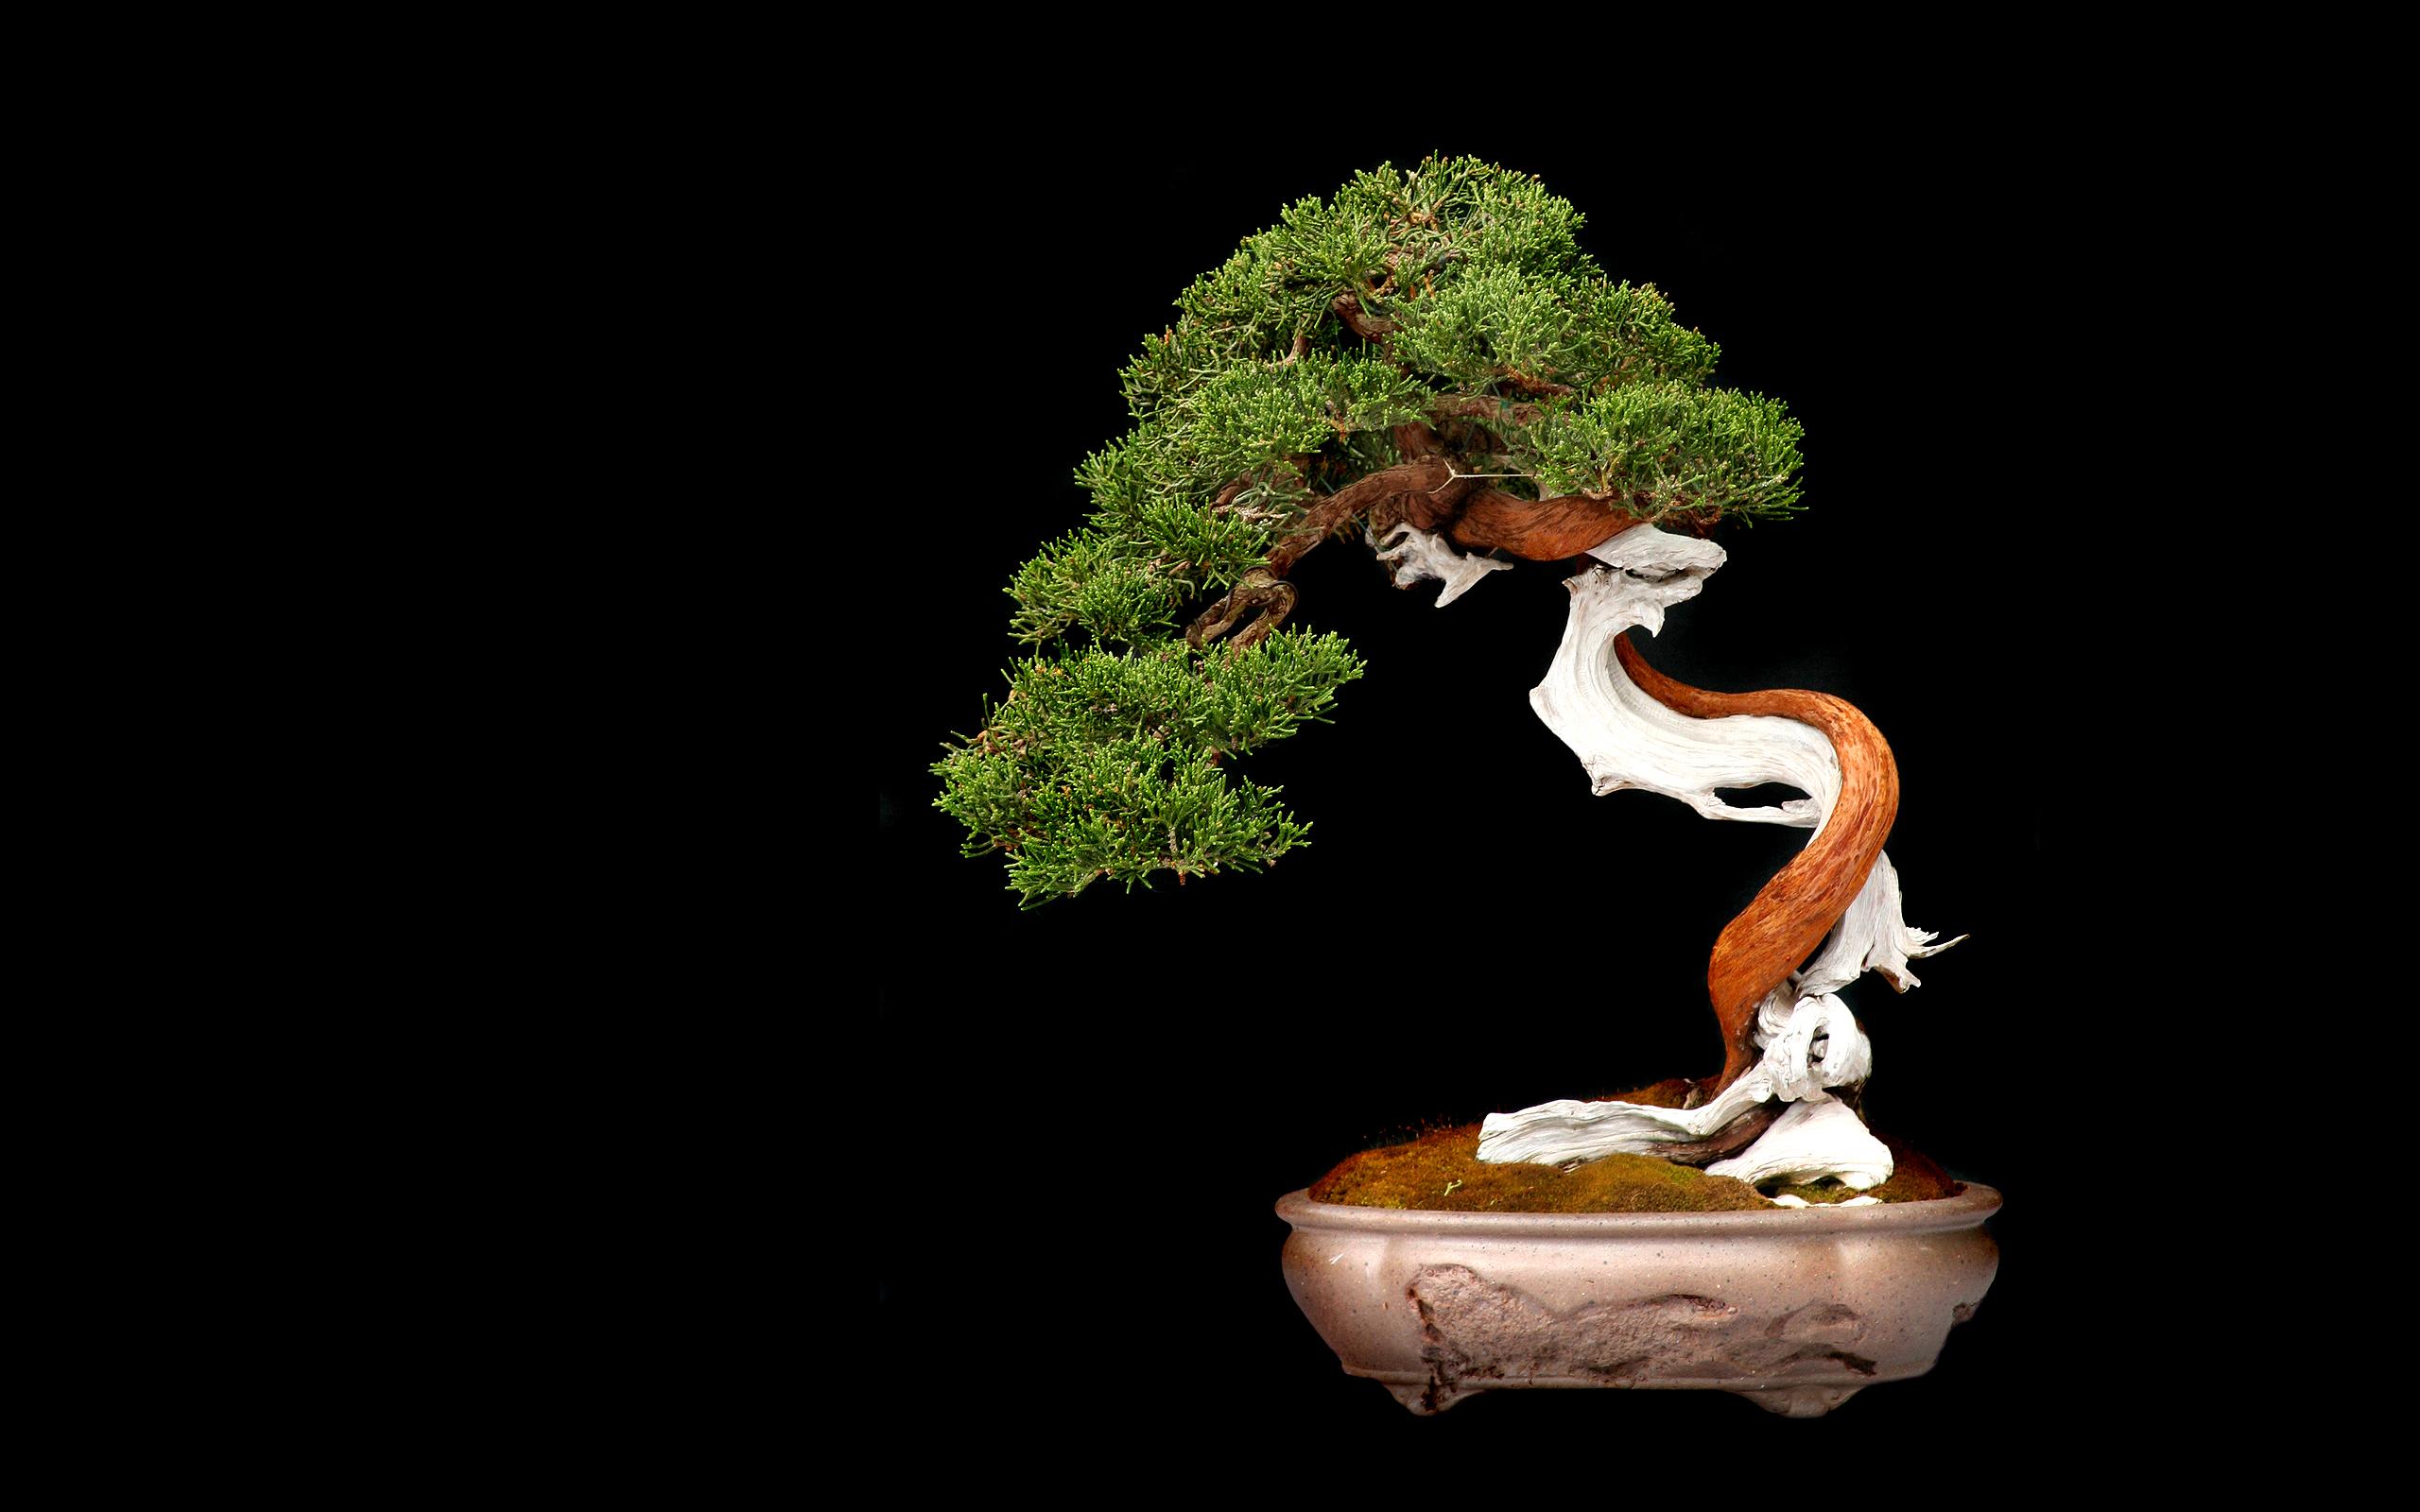 bonsai wallpaper 03 ndash - photo #6